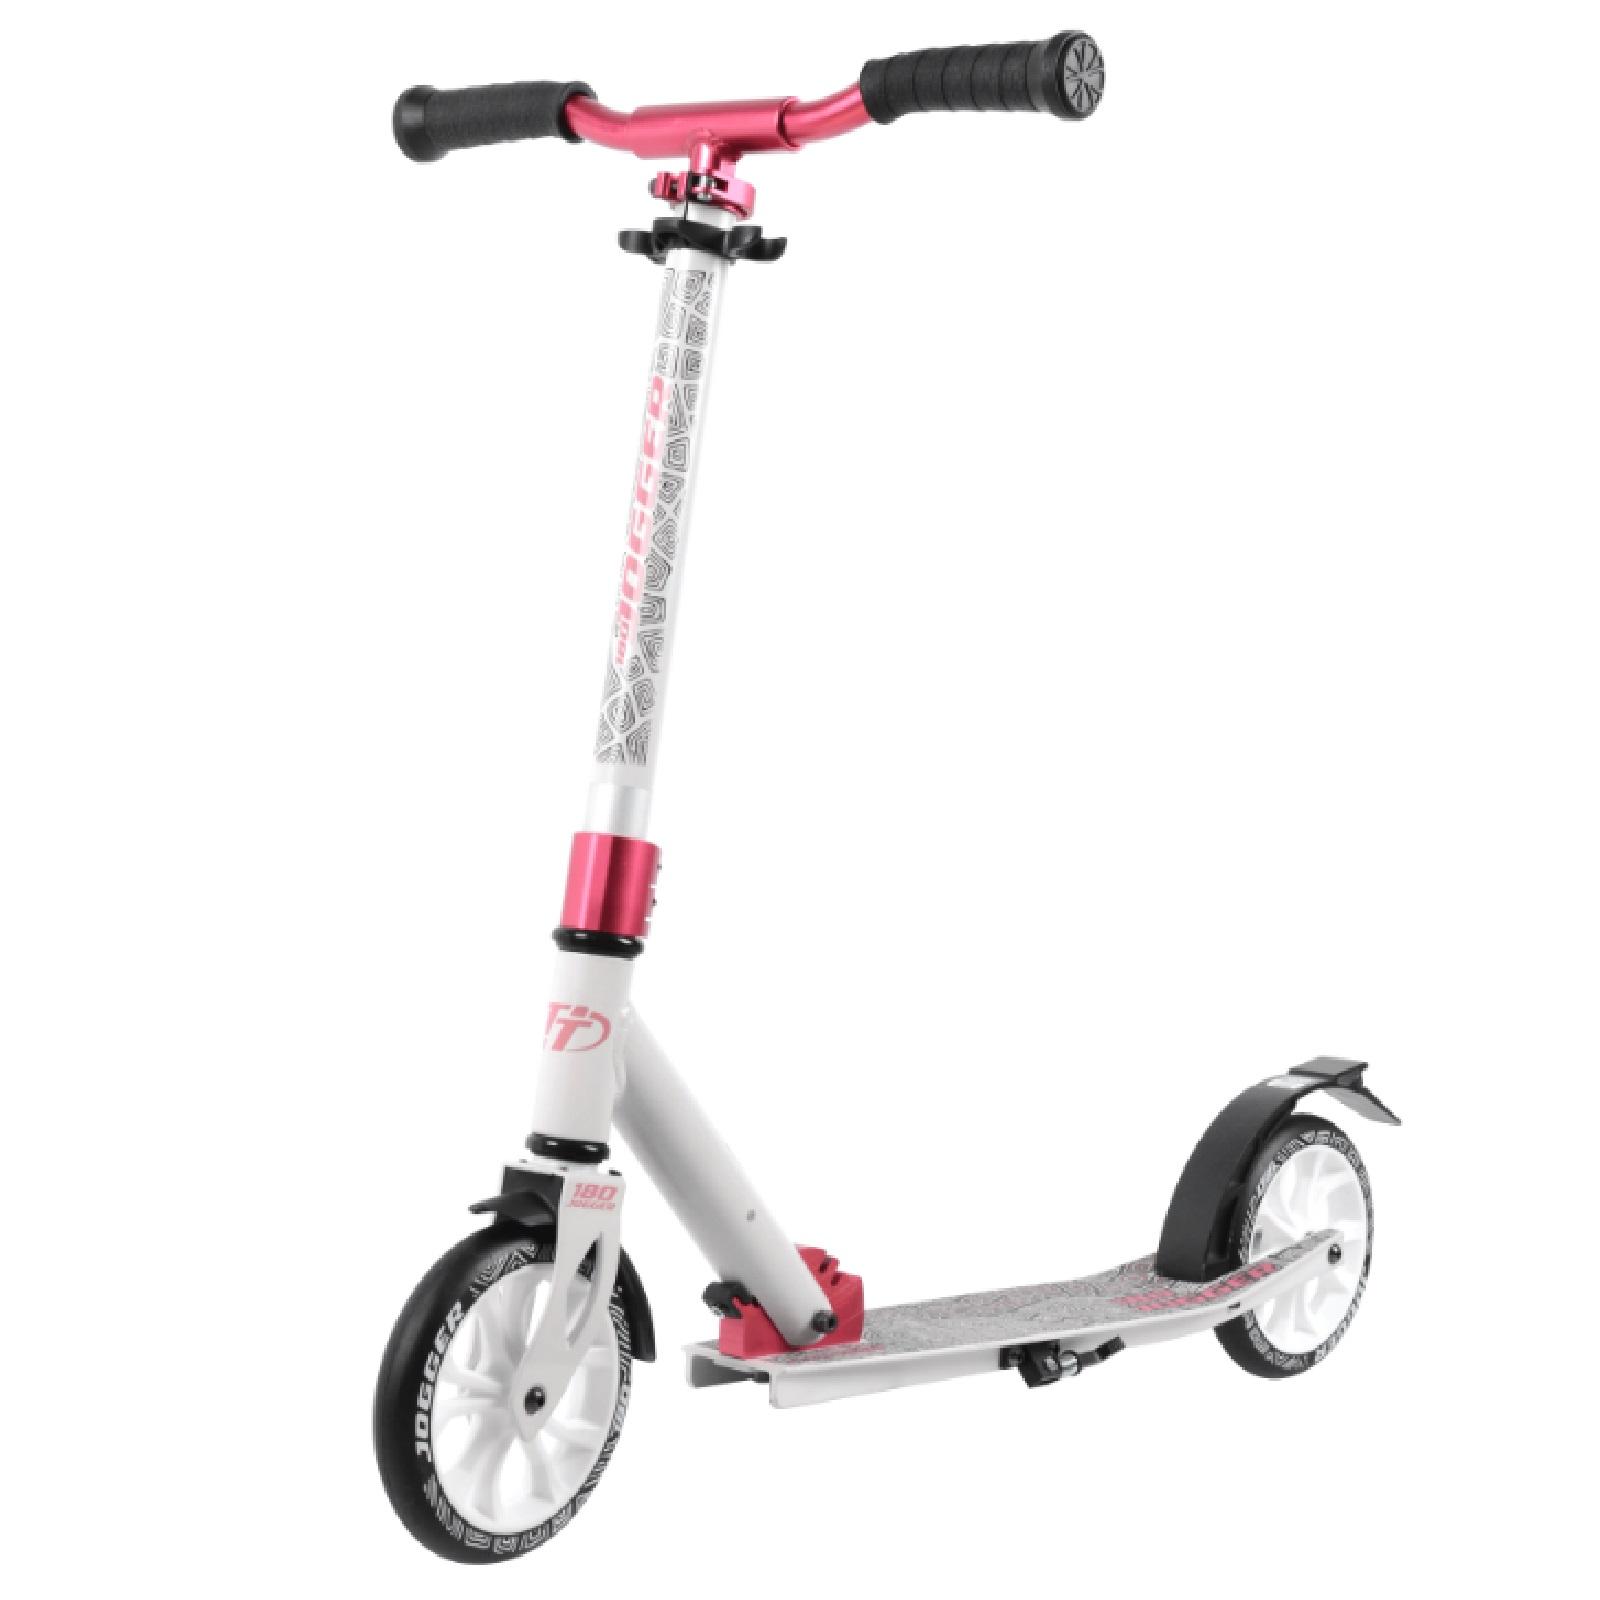 Детский складной самокат TechTeam Jogger 180 2020 / Бело-розовый